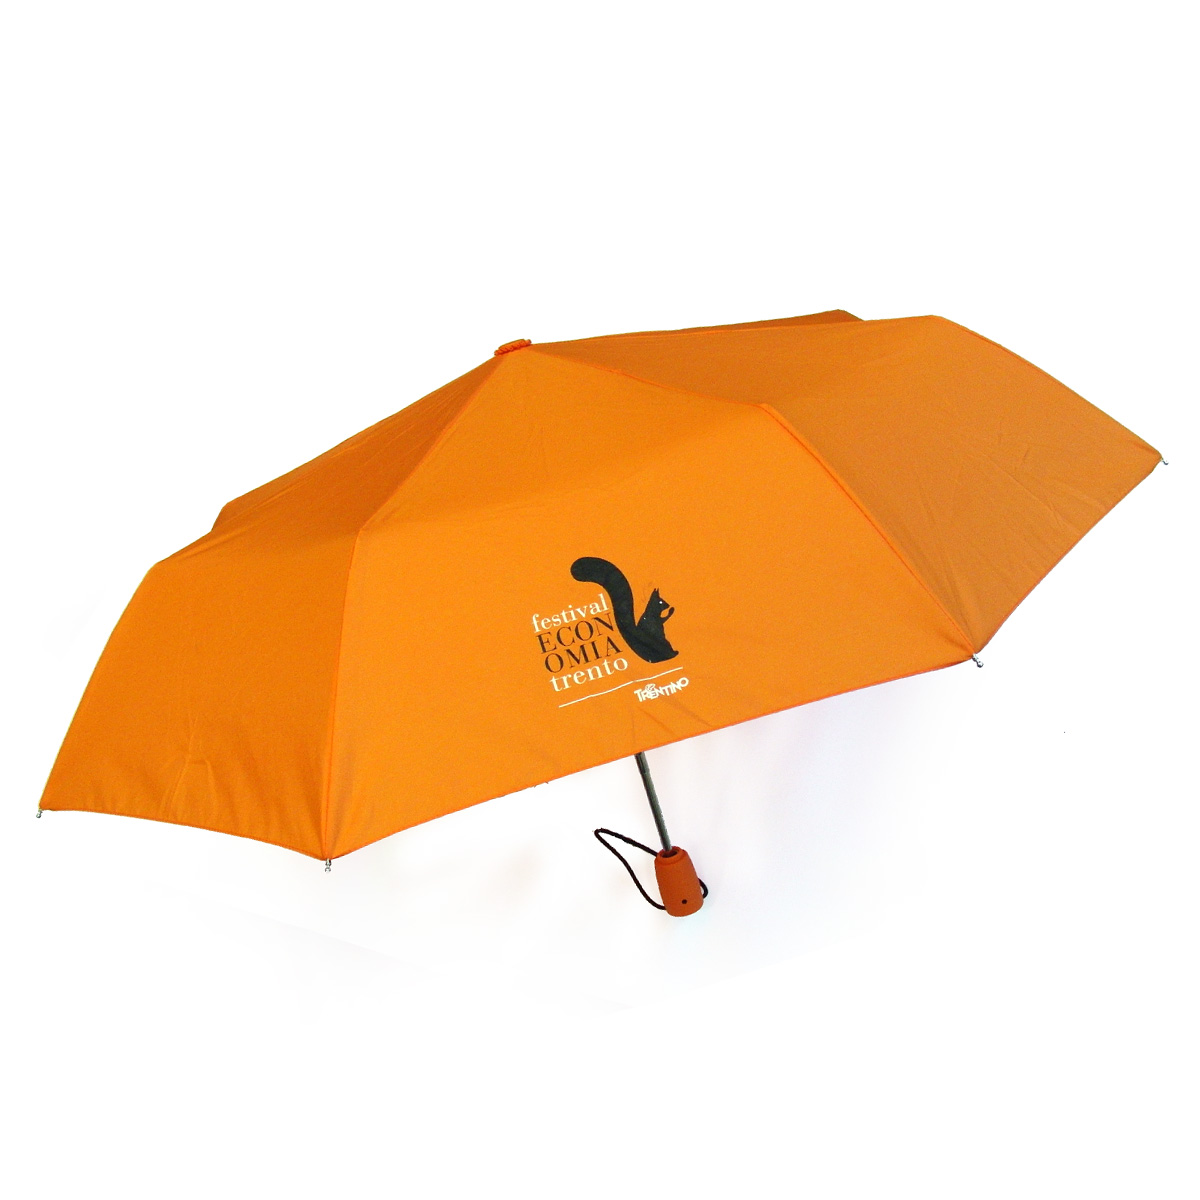 ombrello-festival-economia-trento-2016